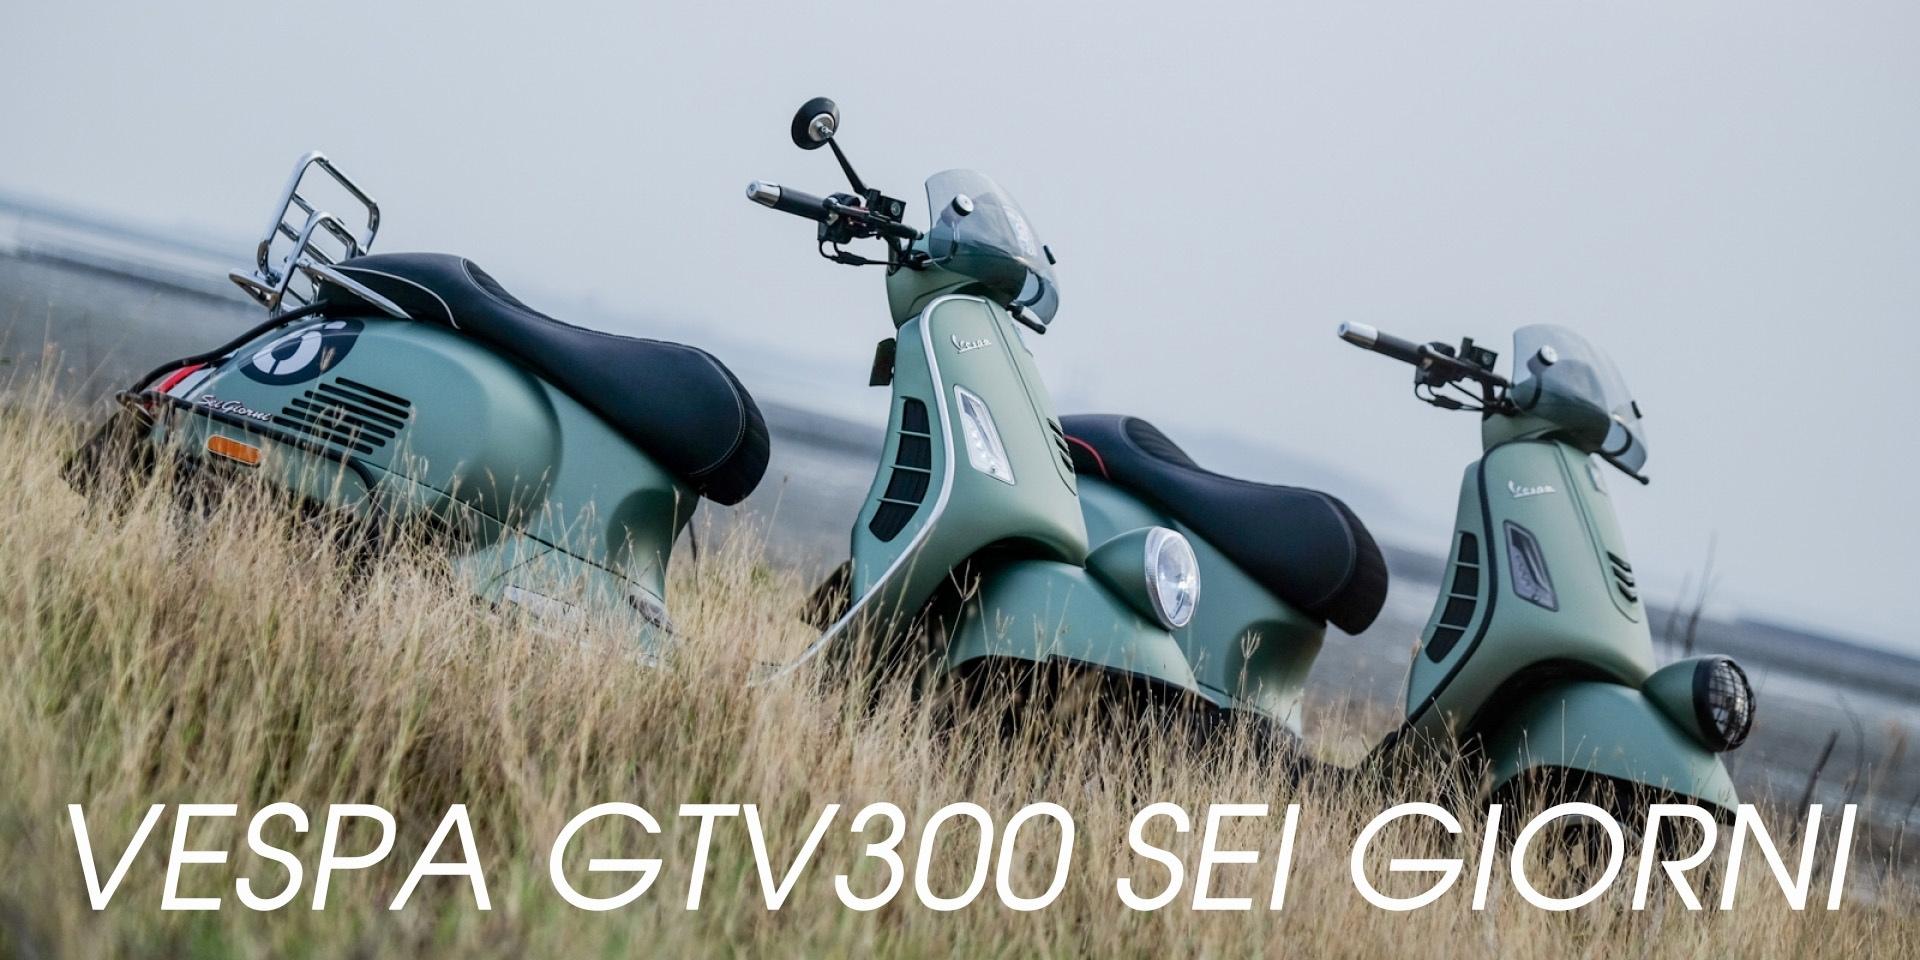 拉力賽九冠頭銜加持。Vespa GTV 300 Sei Giorni澎湖試乘會